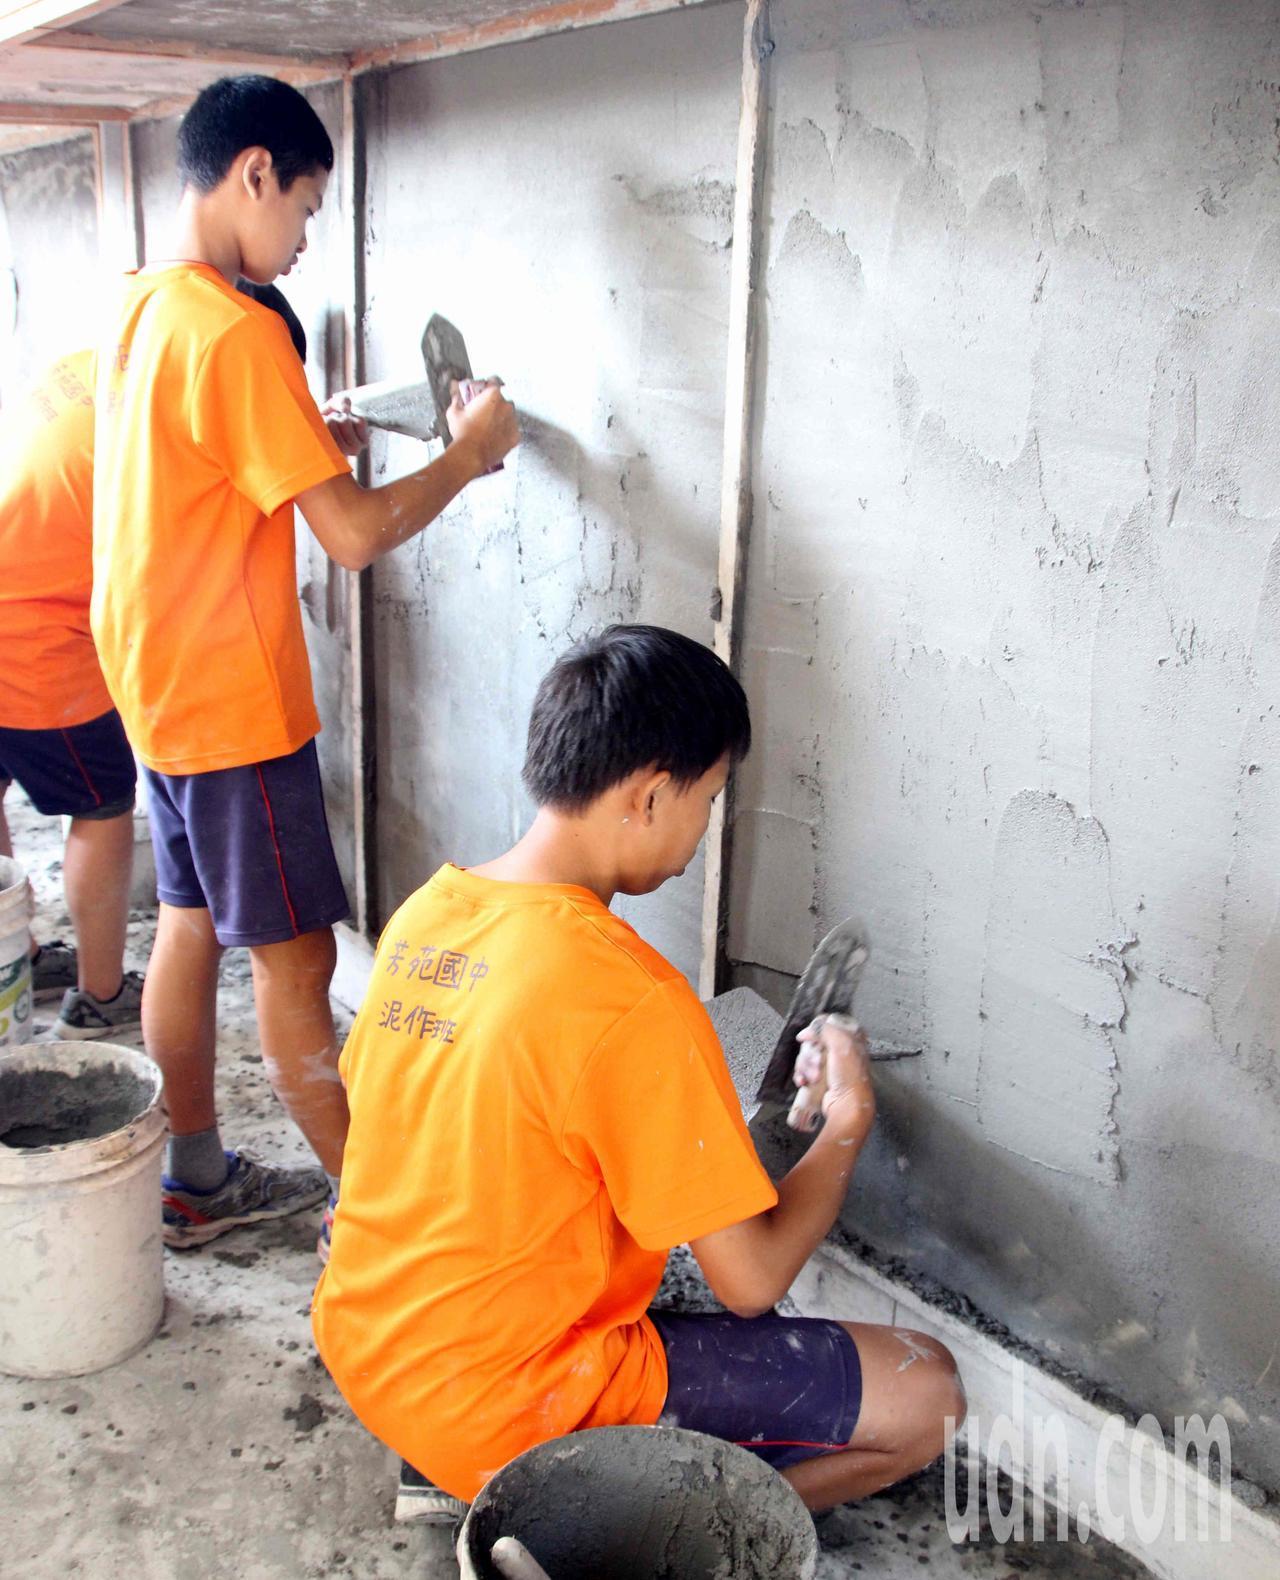 芳苑國中開辦泥作班,學生練抹牆基本功,學習一技之長。